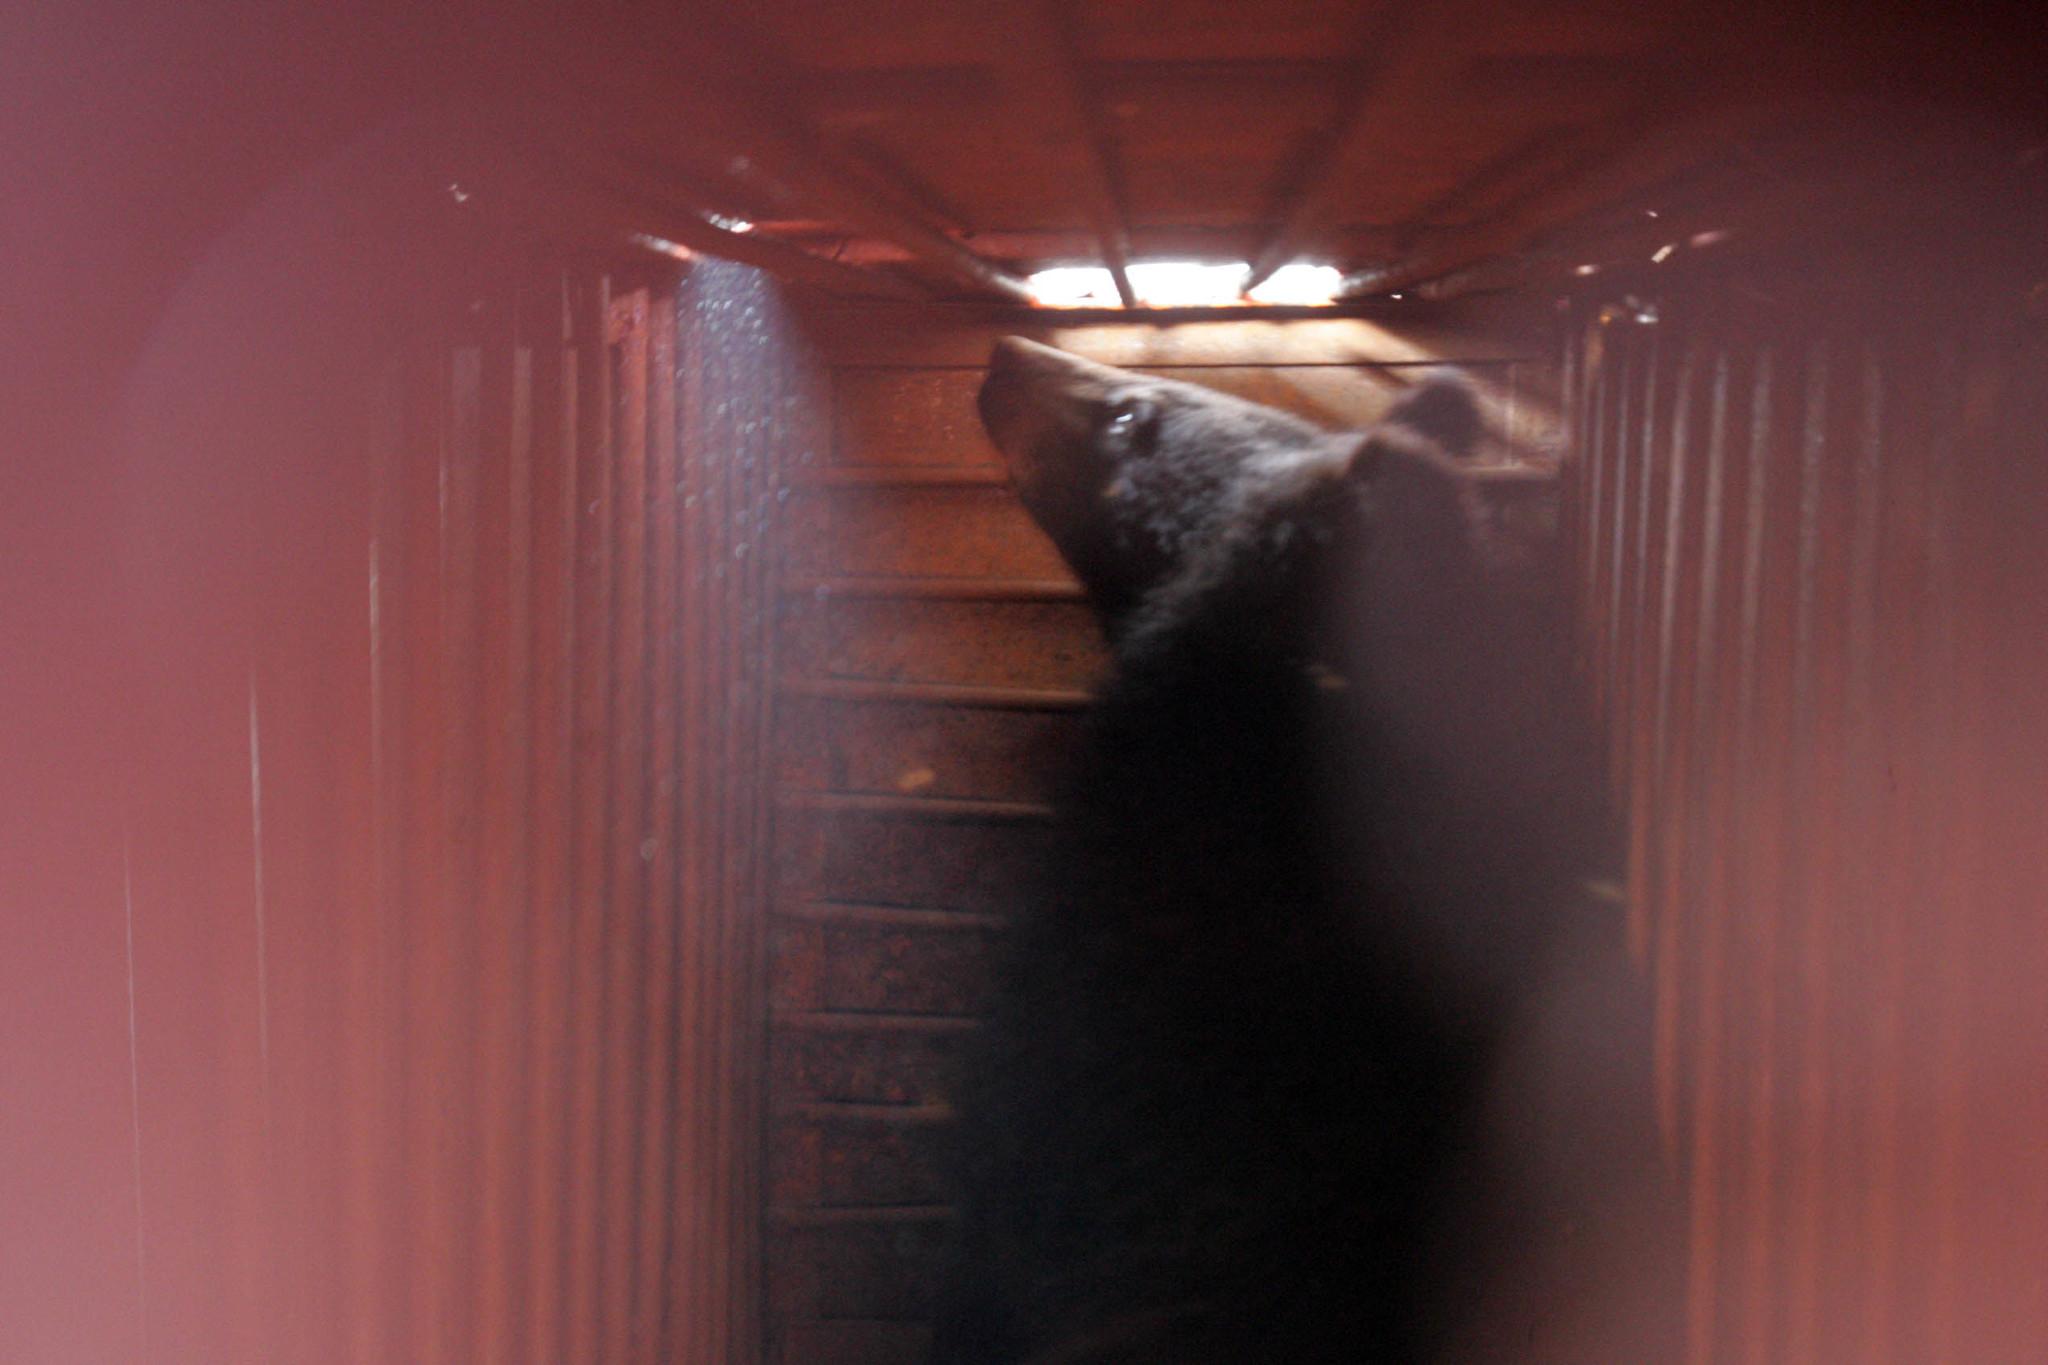 2005년 4월 도라산 출입국관리사무소를 통해 남한으로 넘어온 북한산 반달곰이 검역을 받고 있다. [중앙포토]